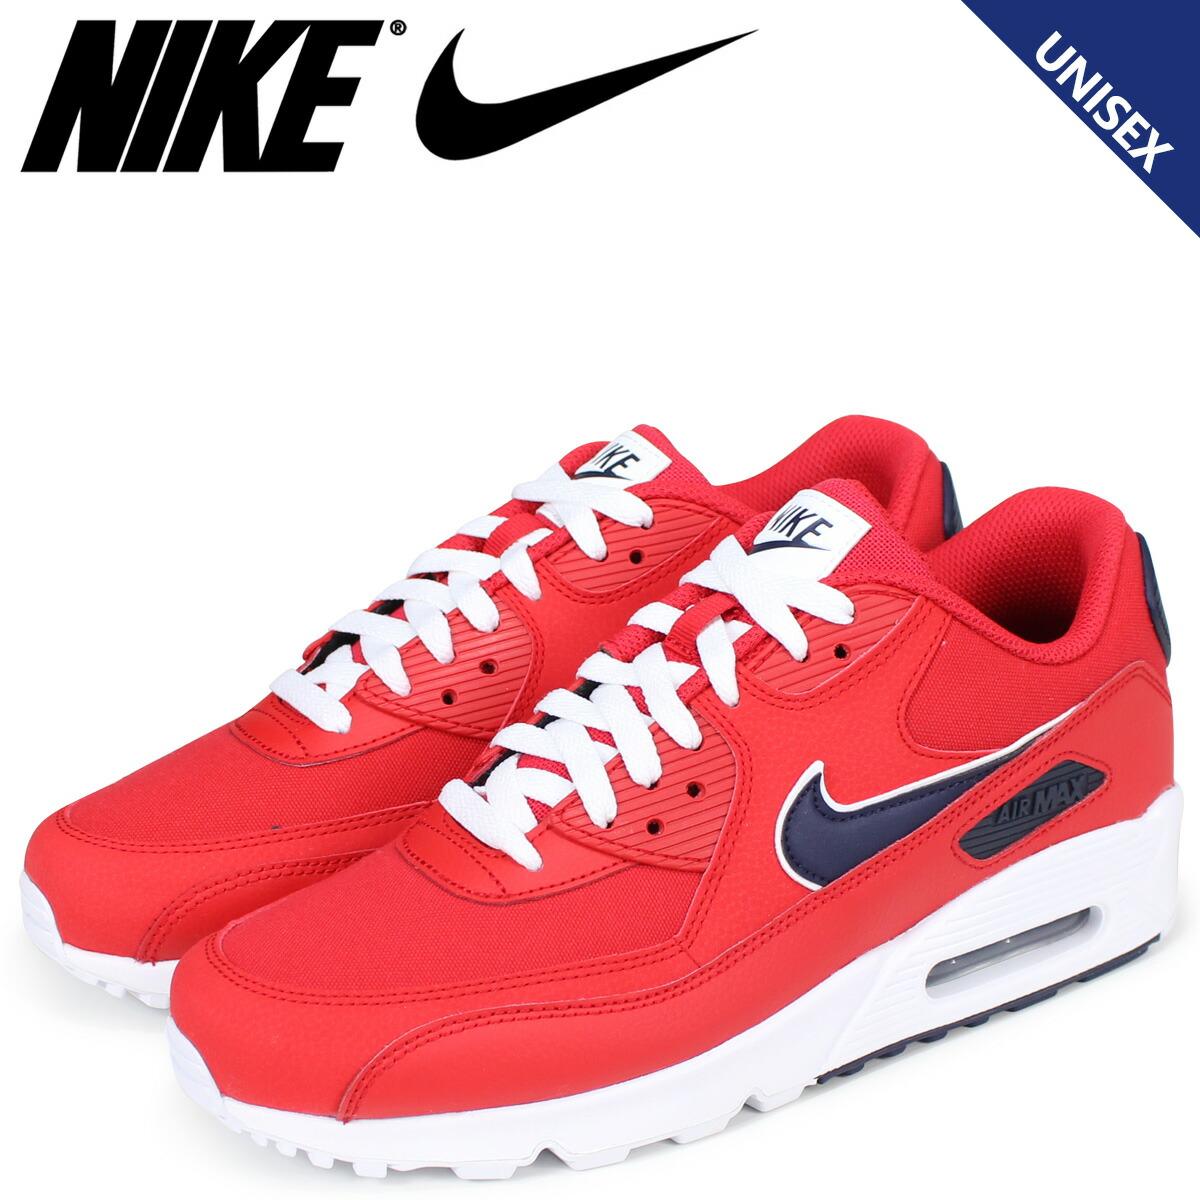 747c24f765f Sugar Online Shop  NIKE Kie Ney AMAX 90 essential sneakers men AIR ...